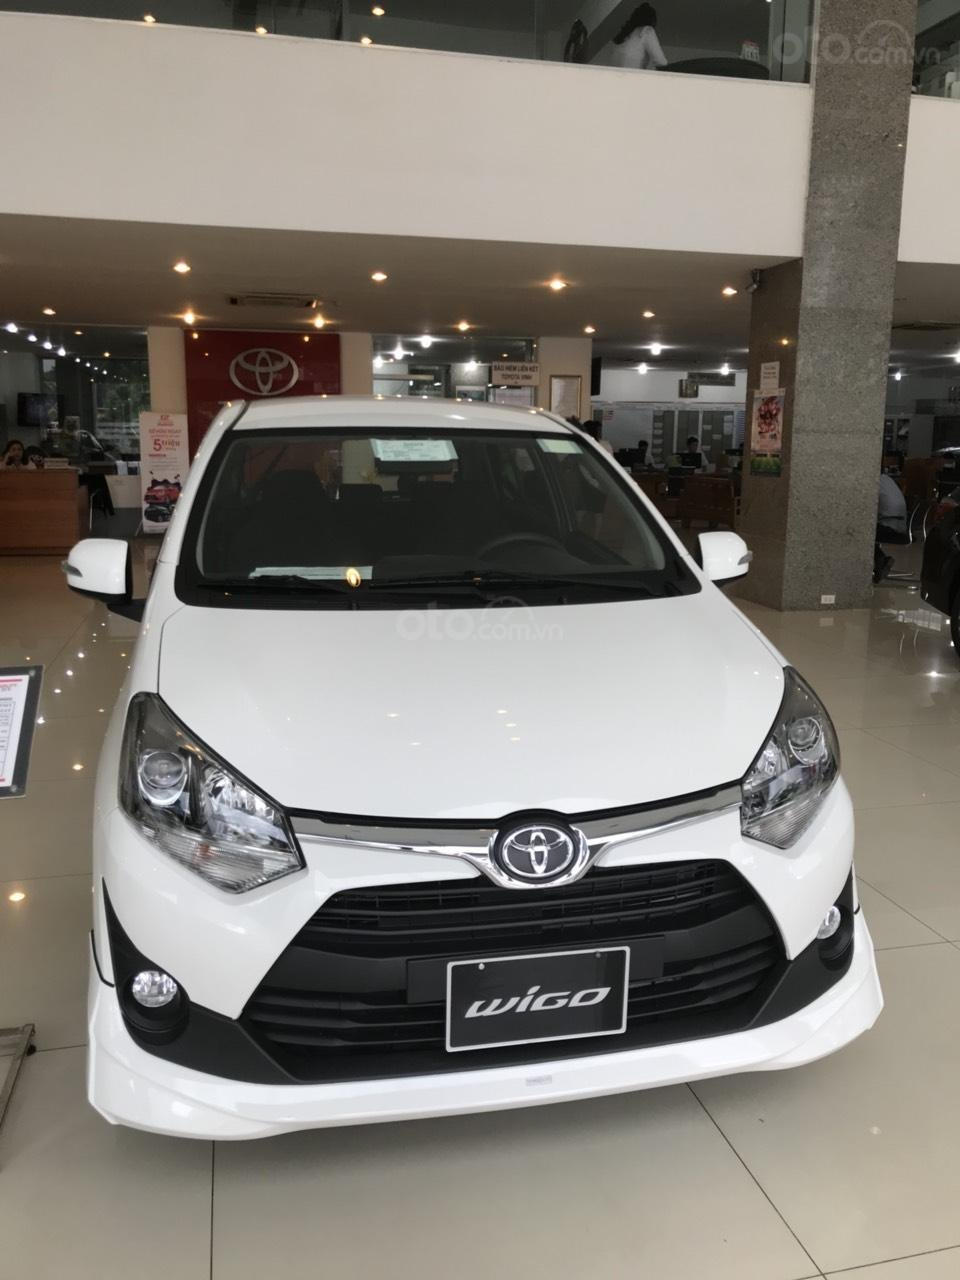 Toyota Vinh-Nghệ An-Hotline: 0904.72.52.66 bán xe Wigo tự động giá rẻ nhất Nghệ An, trả góp lãi suất từ 0% (2)